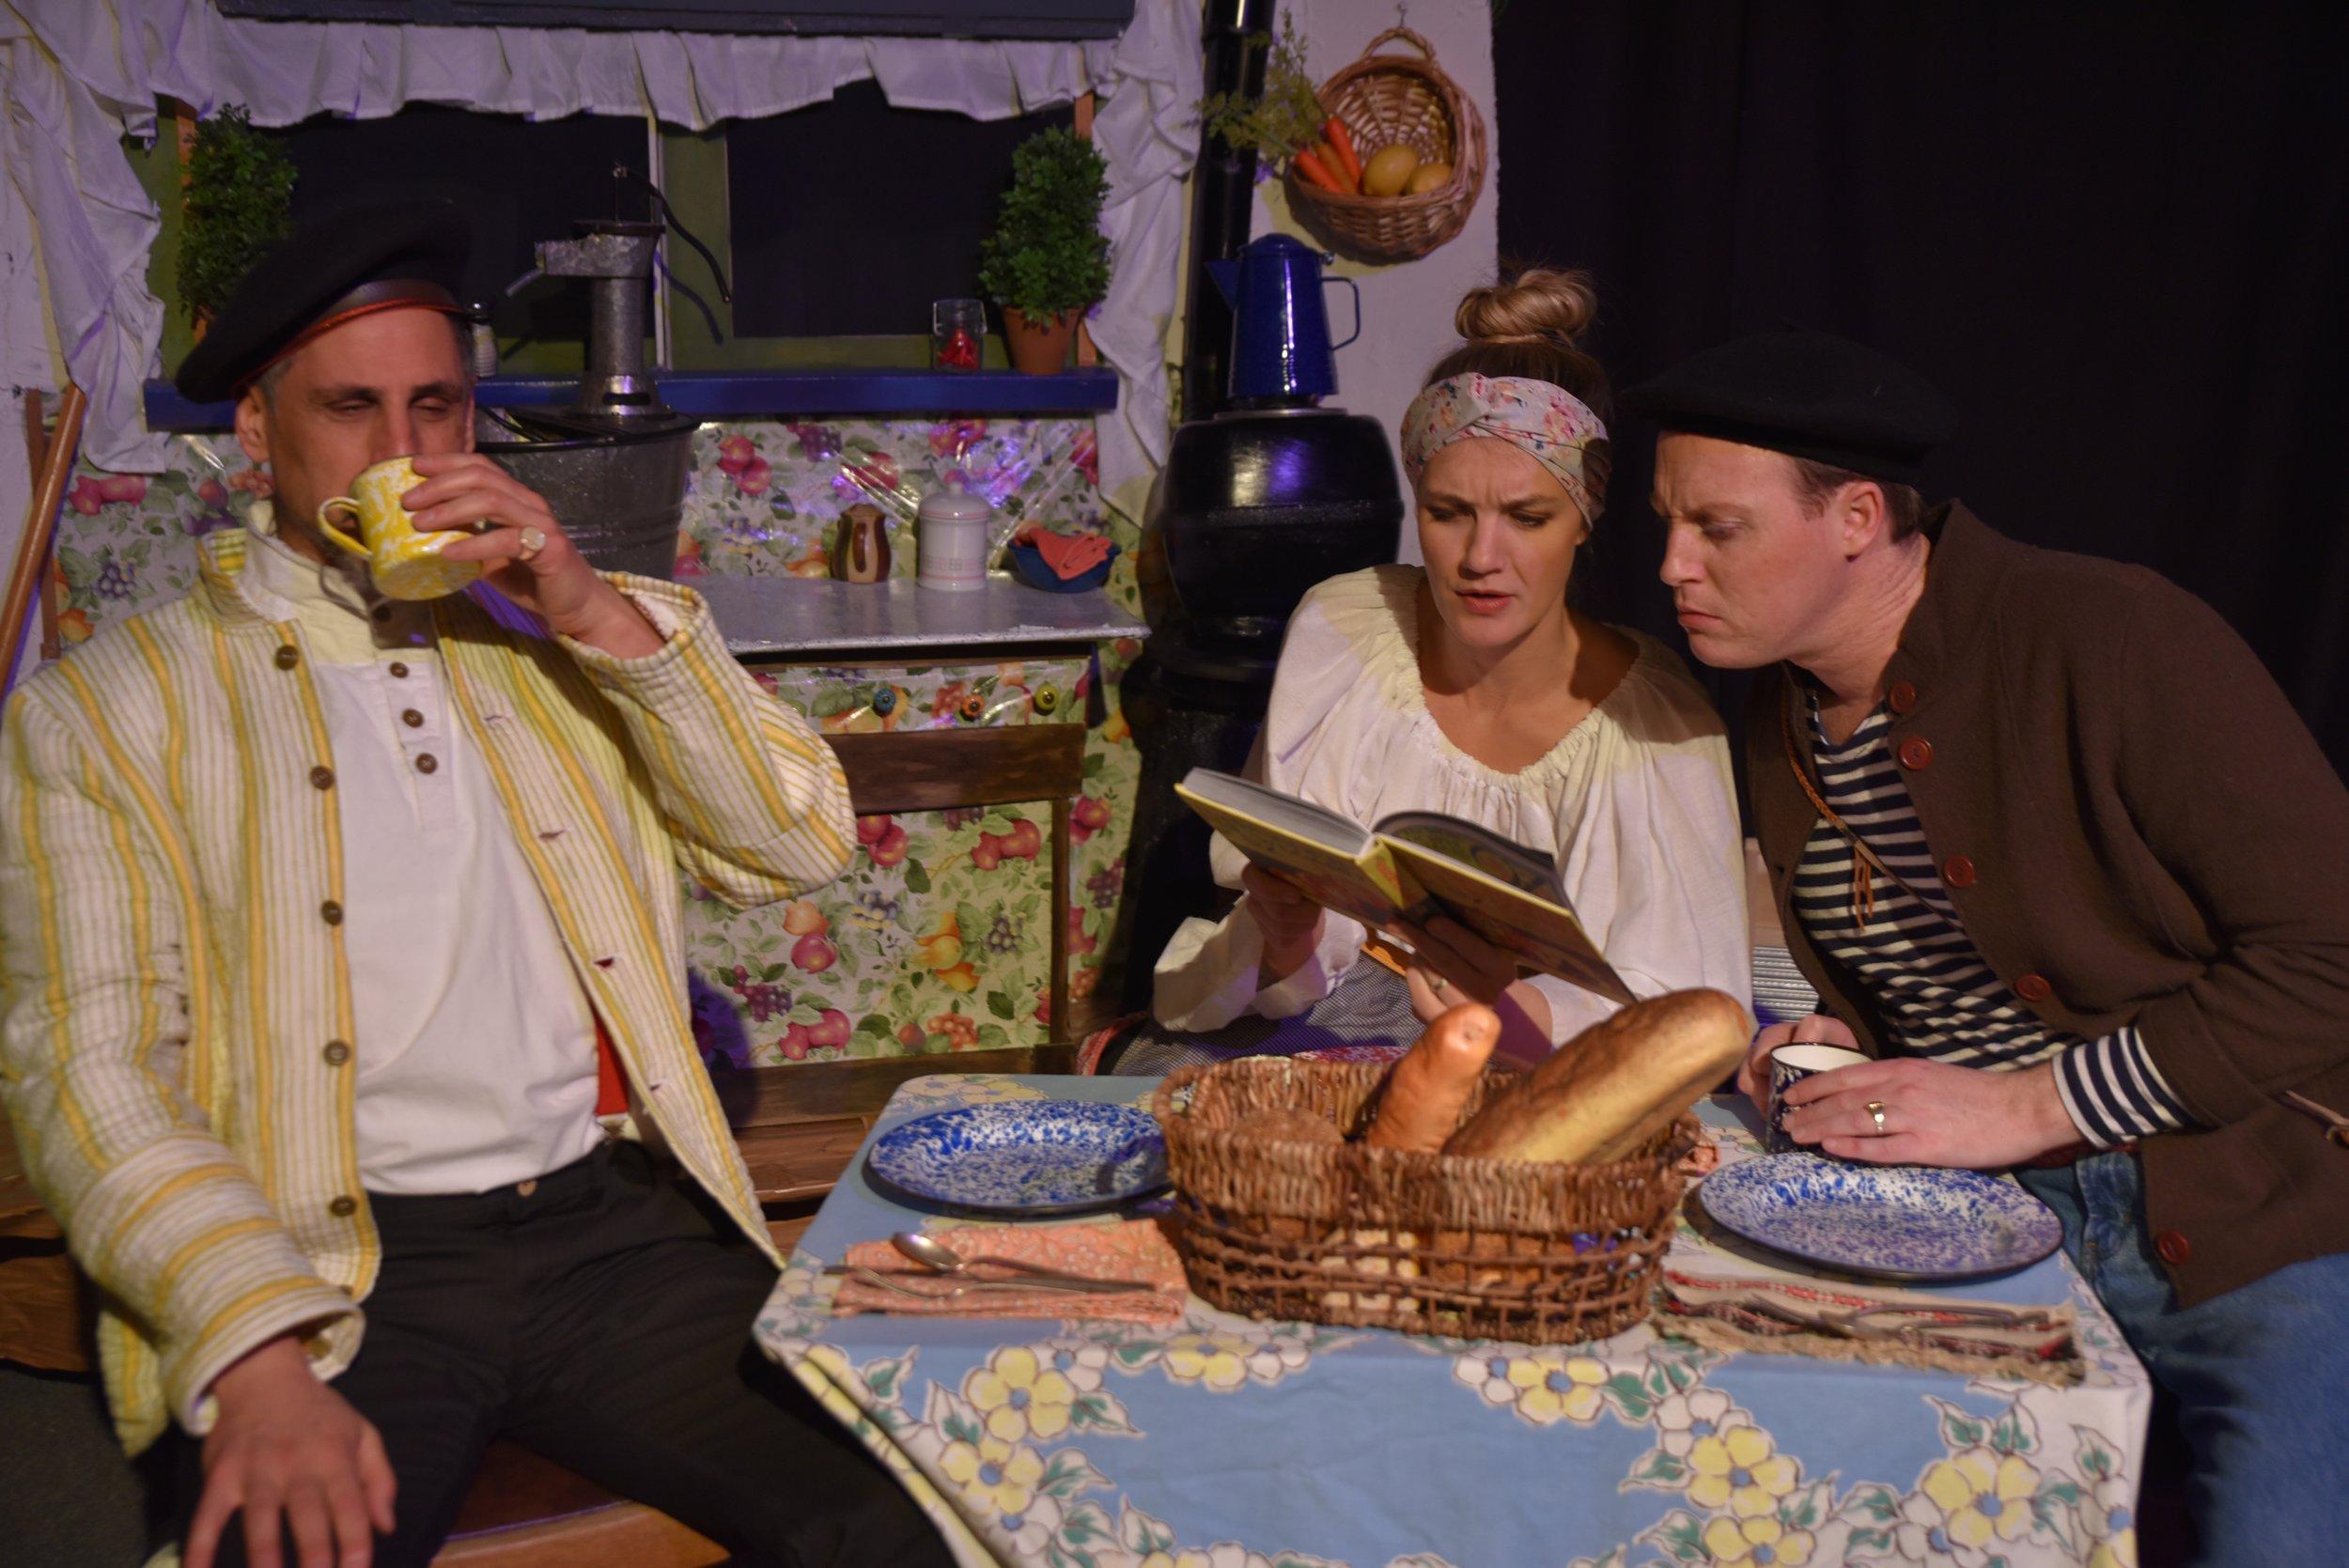 Allan Cutler  as   Gorka,  Katie Nedved  as Ama, &  James Crapes  as Aita